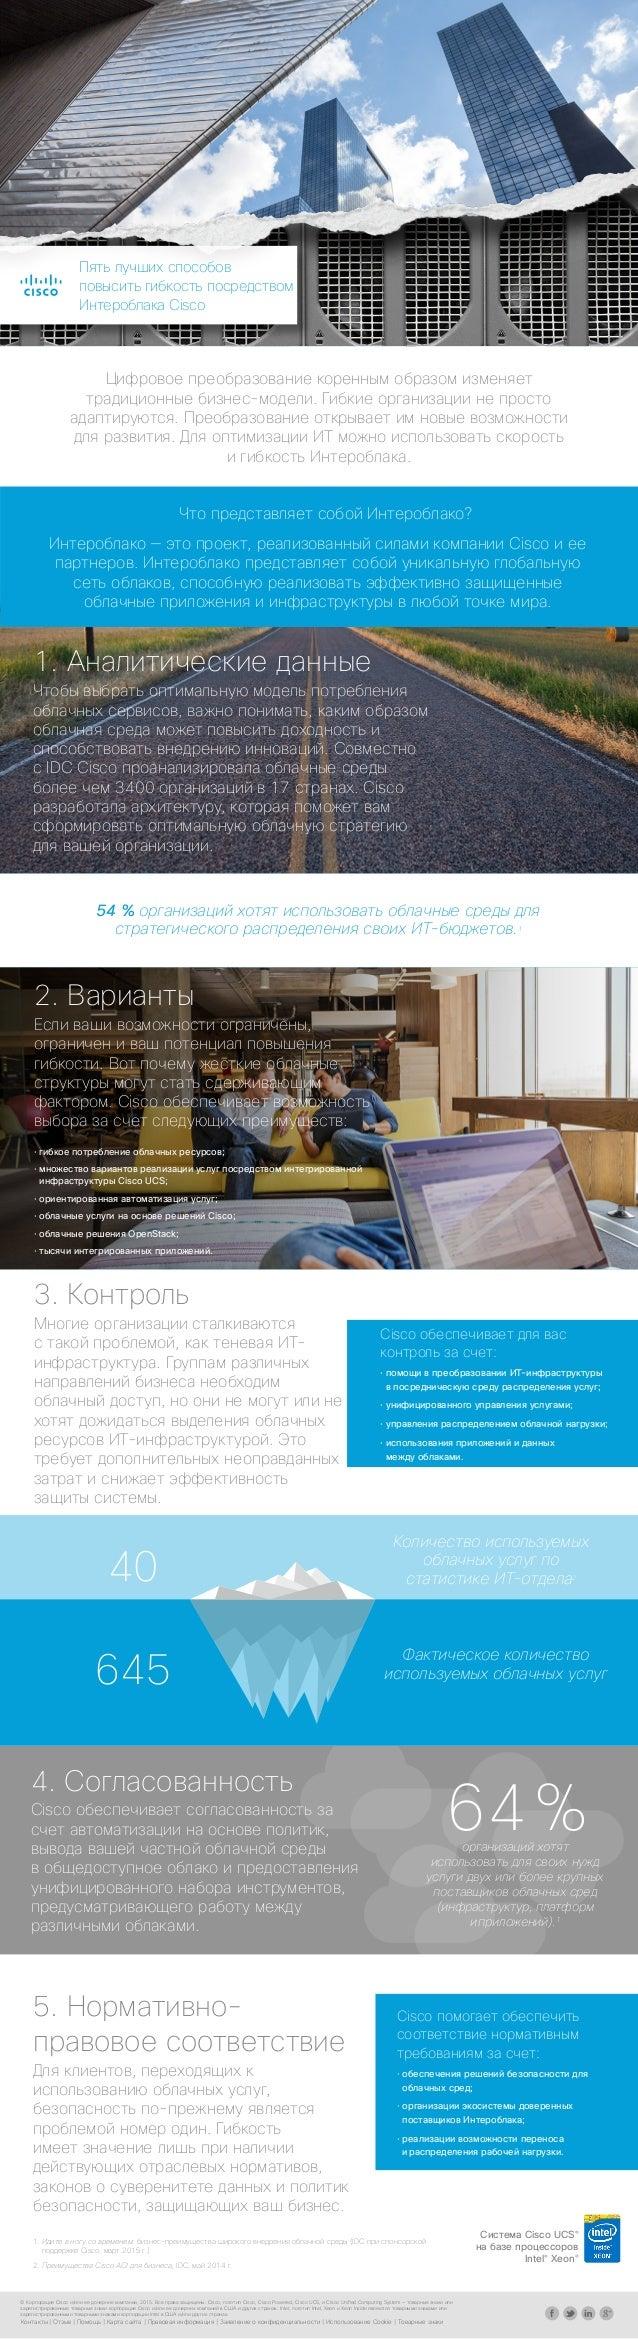 Пять лучших способов повысить гибкость посредством Интероблака Cisco Количество используемых облачных услуг по статистике ...